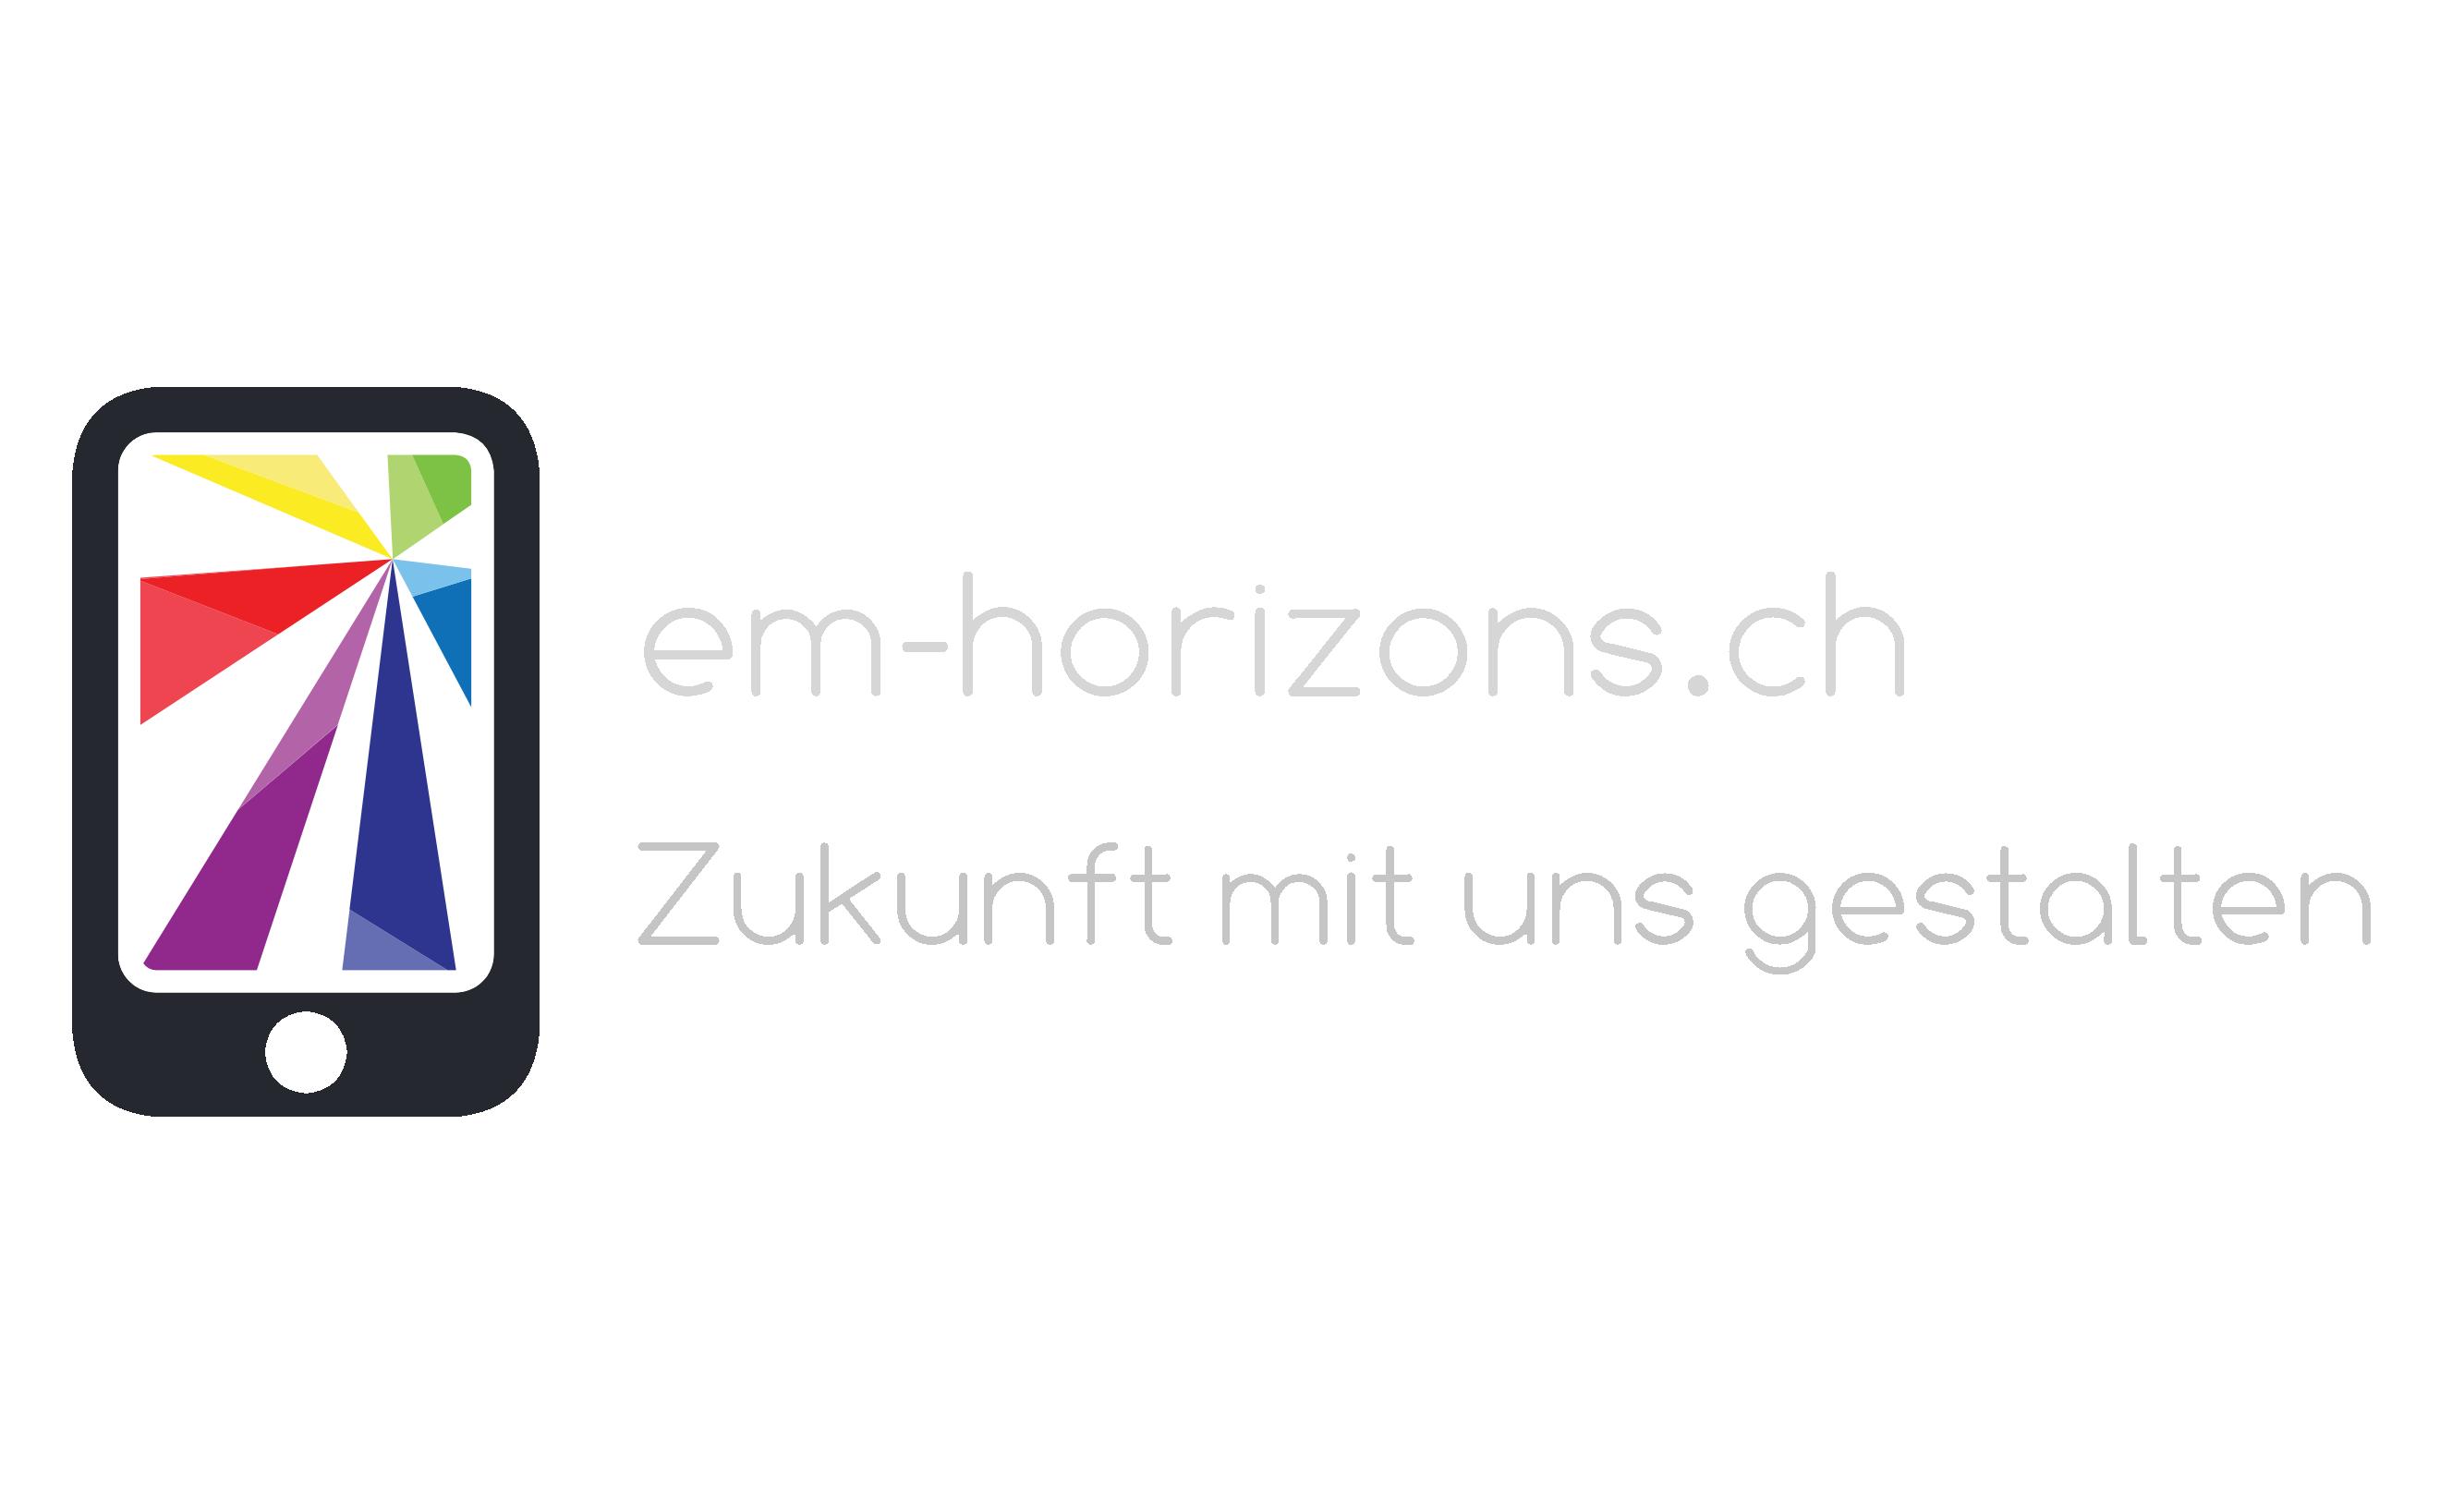 em-horizons.com